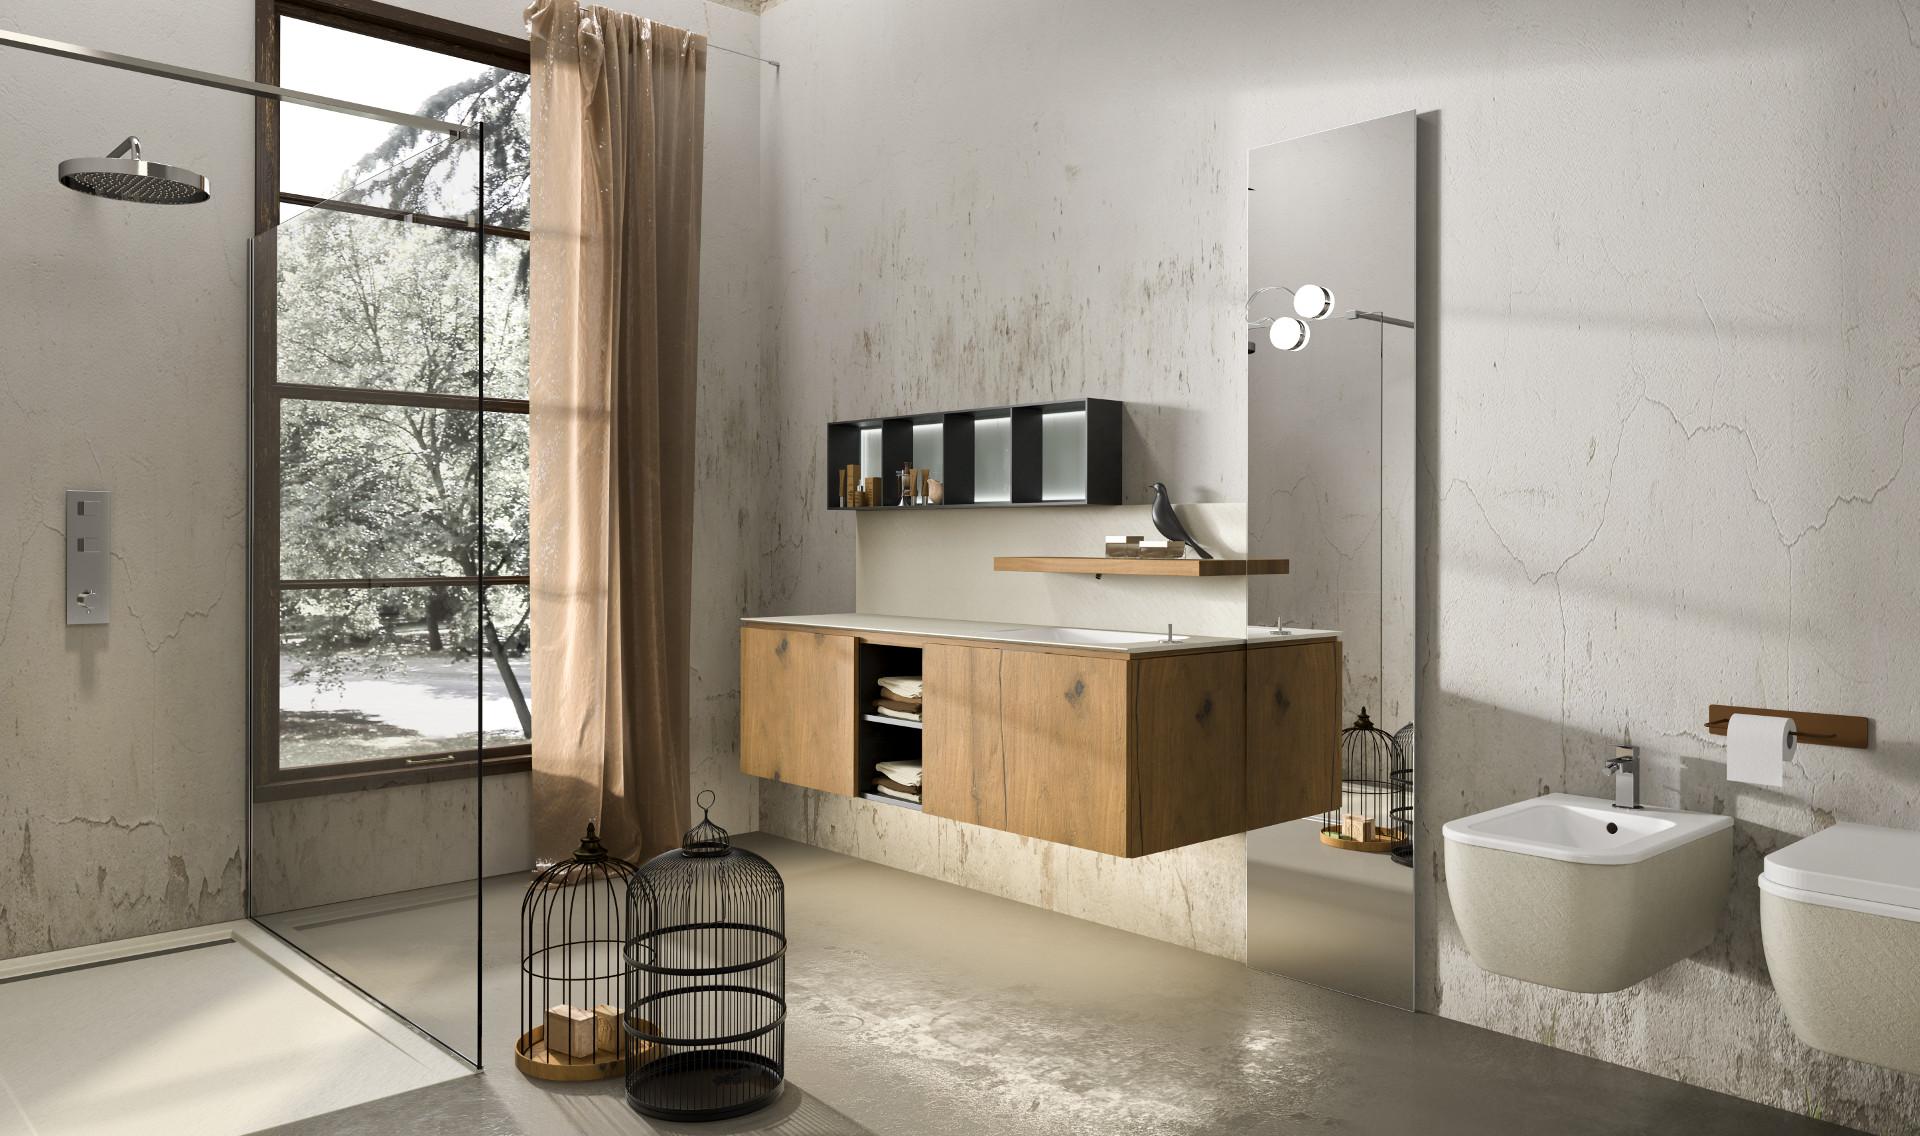 Arredo bagno design futuristico  Arredamento  Design